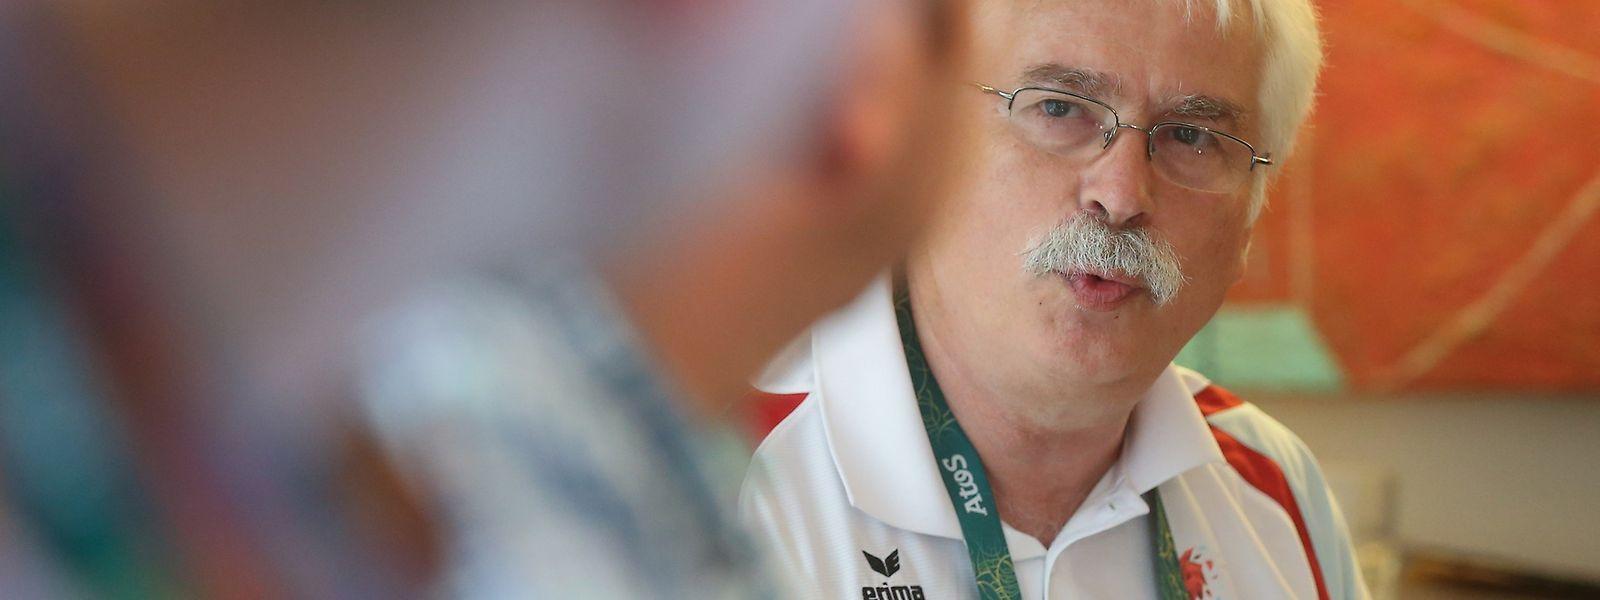 """Heinz Thews: """"Wir haben gute Leistungen unserer Athleten gesehen."""""""